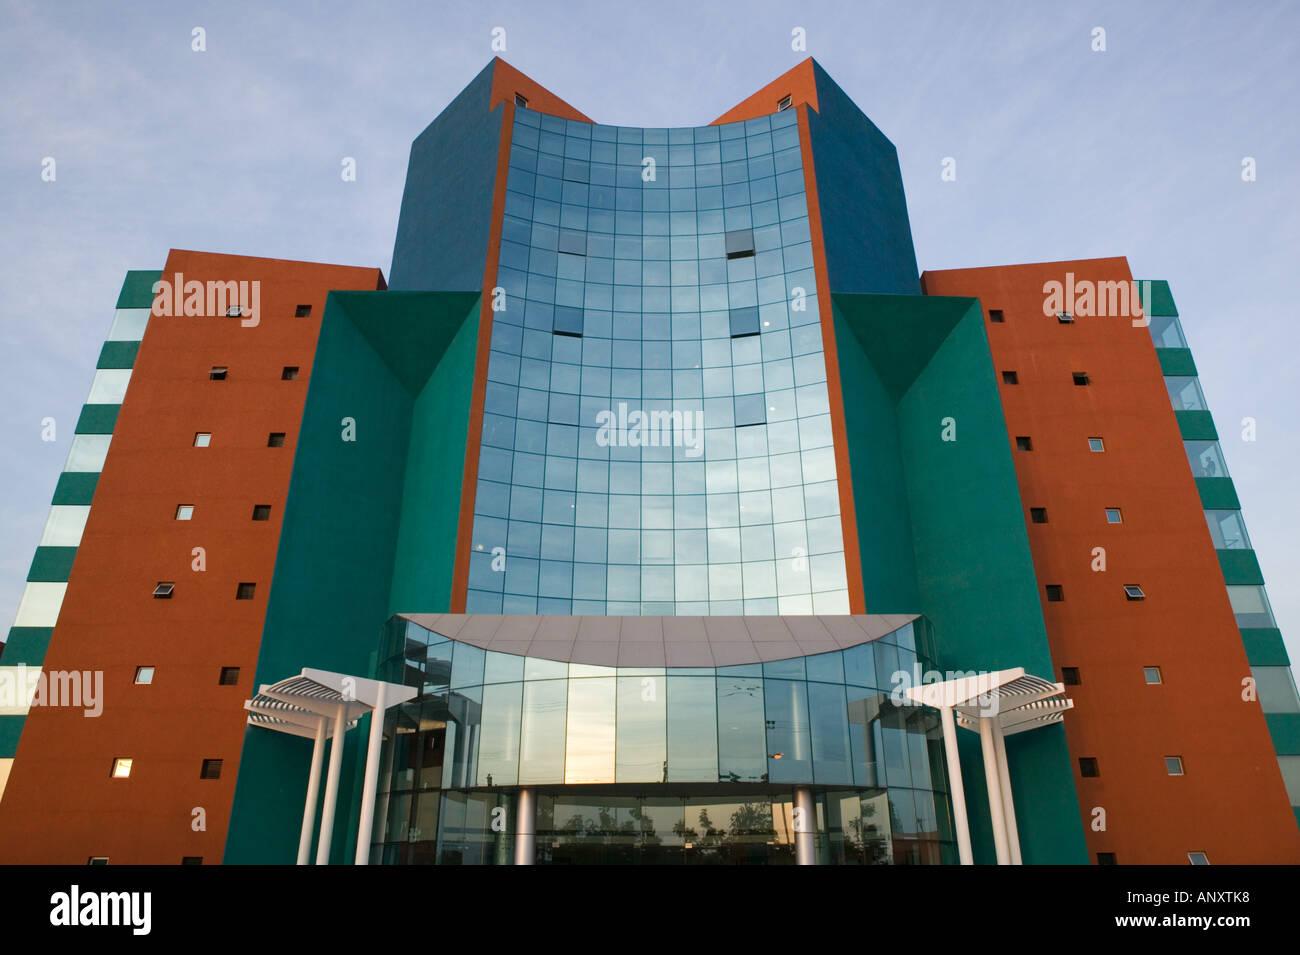 Andhra Pradesh, Hyderabad, Indien. HITEC Stadt, Major Center der indischen Call Centre Softwareindustrie Stockbild